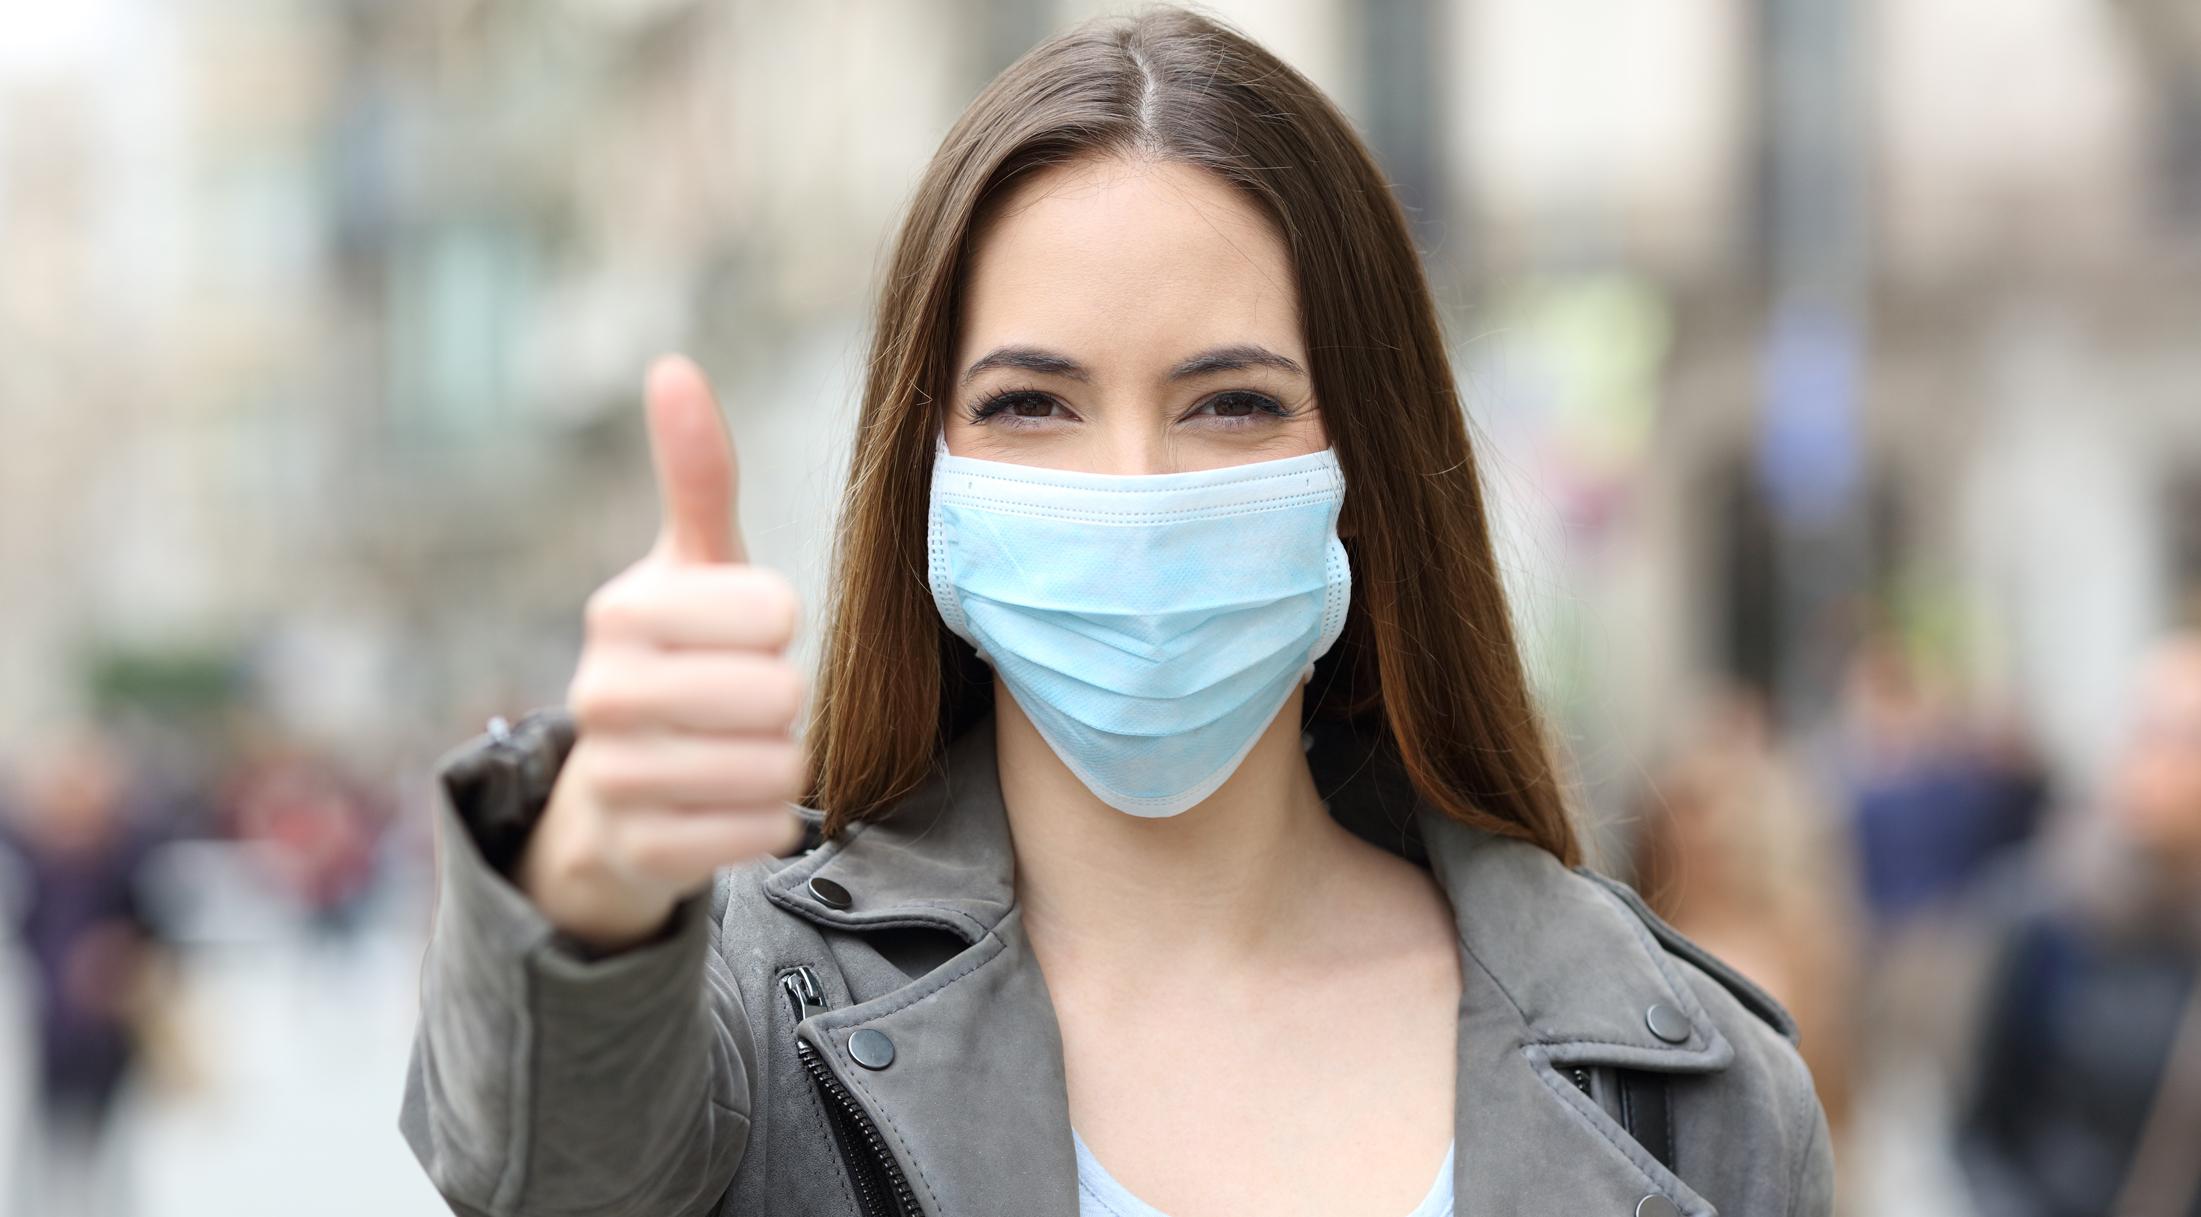 6 conseils pour que le masque d'hygiène vous protège vraiment